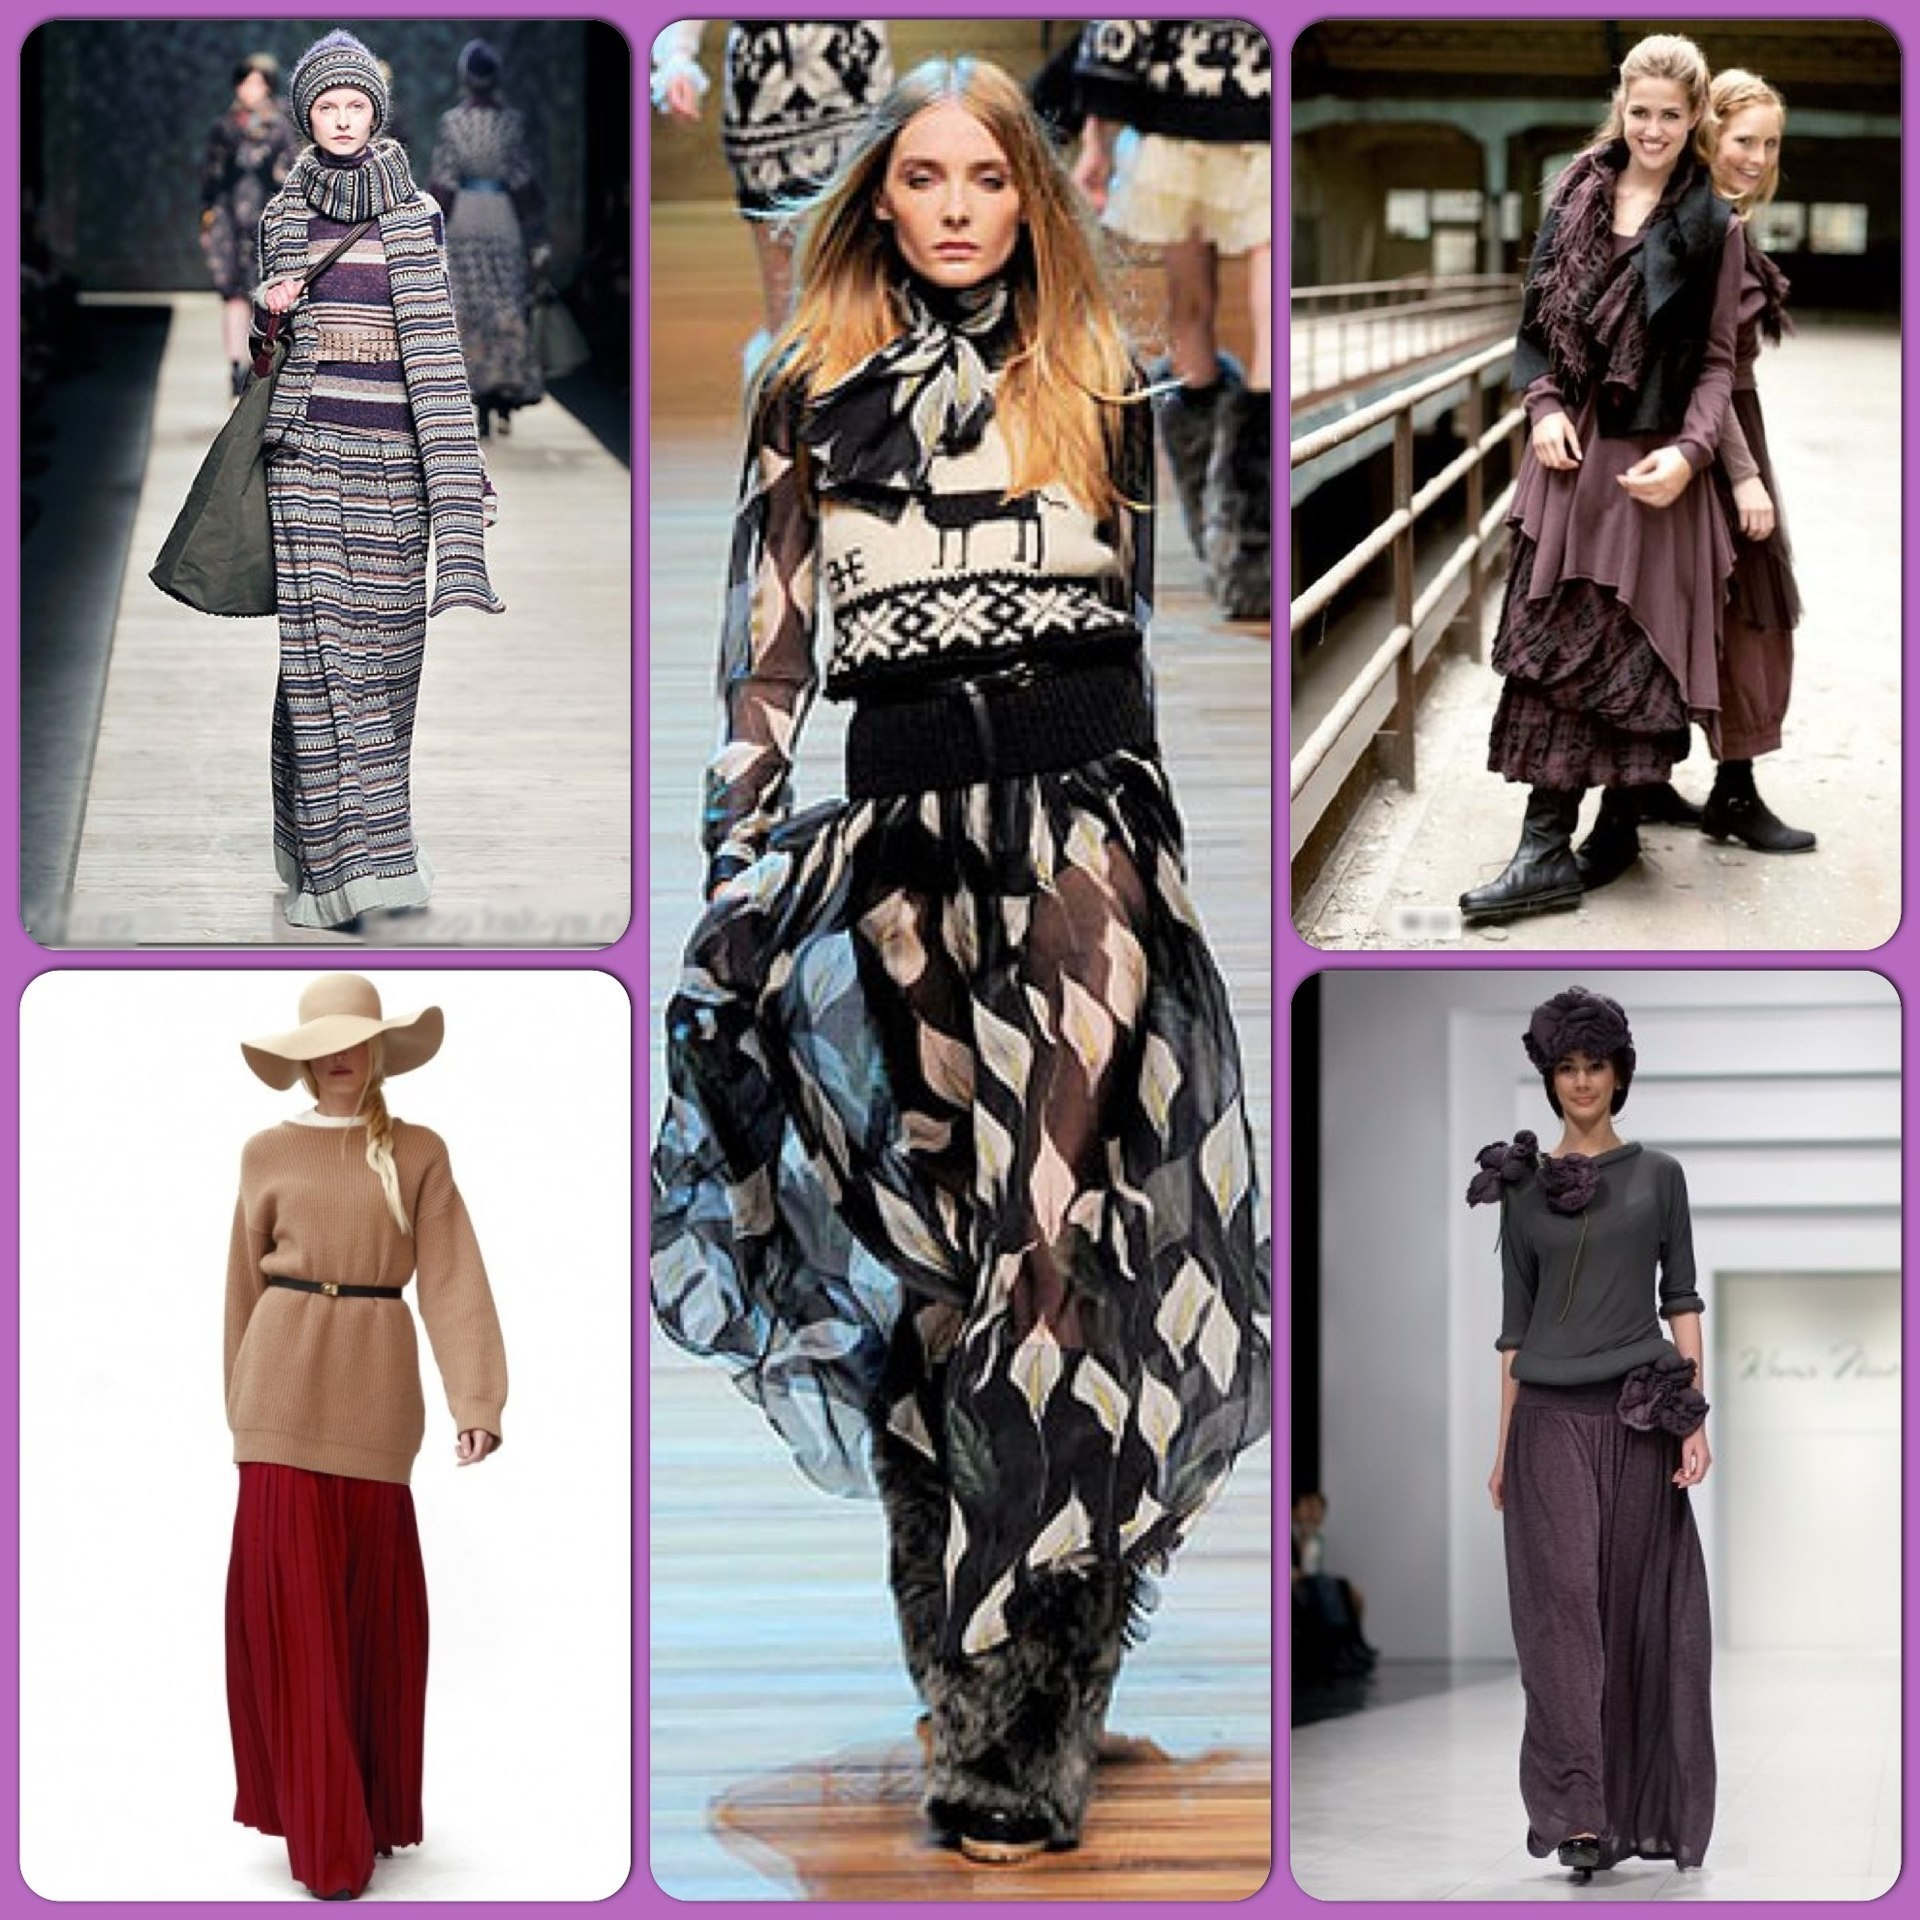 услуги стилиста по подбору одежды